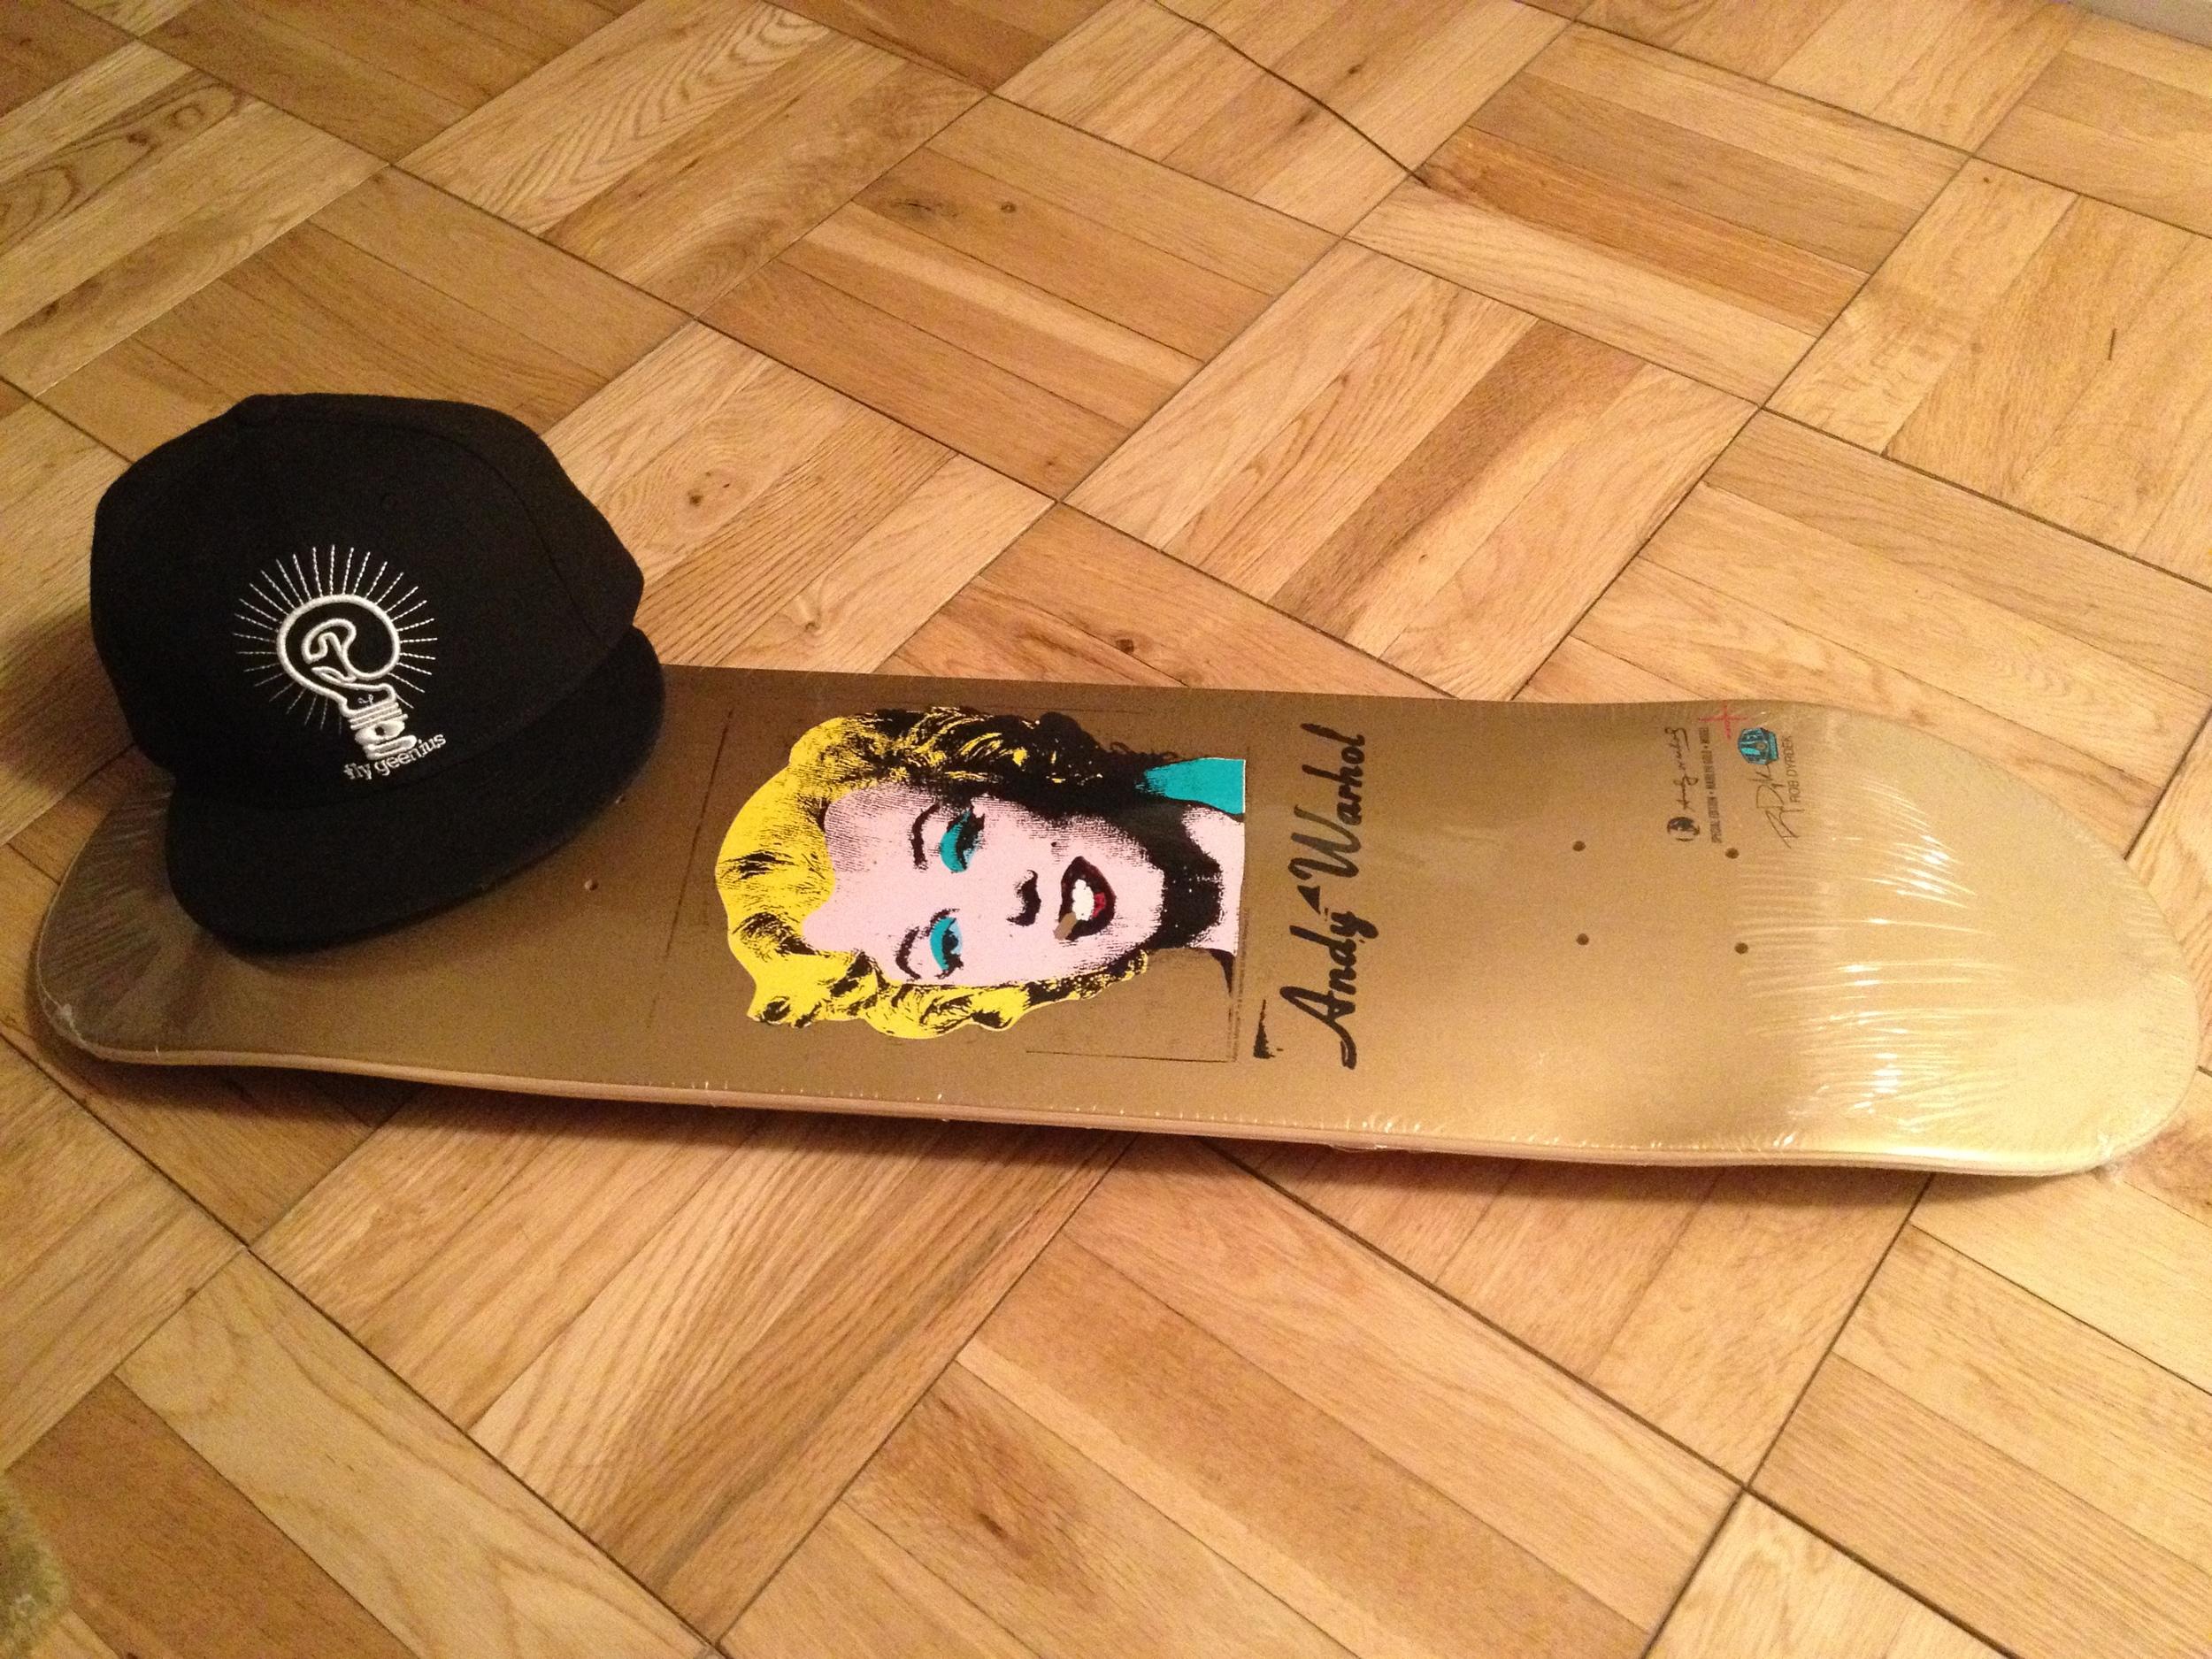 Andy Warhol Skate Deck 2